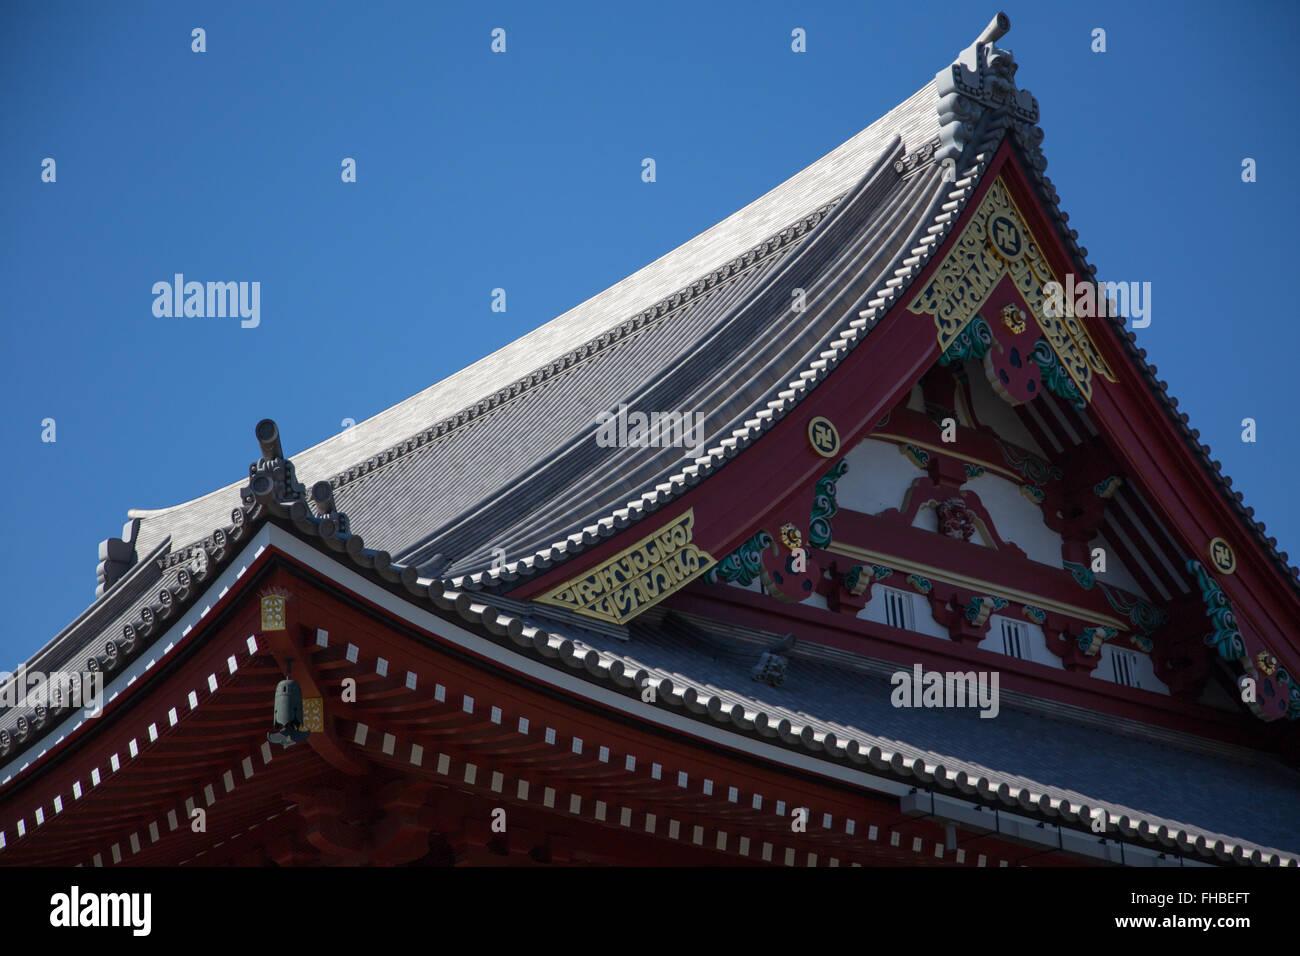 Tempio giapponese in Asakusa Tokyo Giappone Immagini Stock